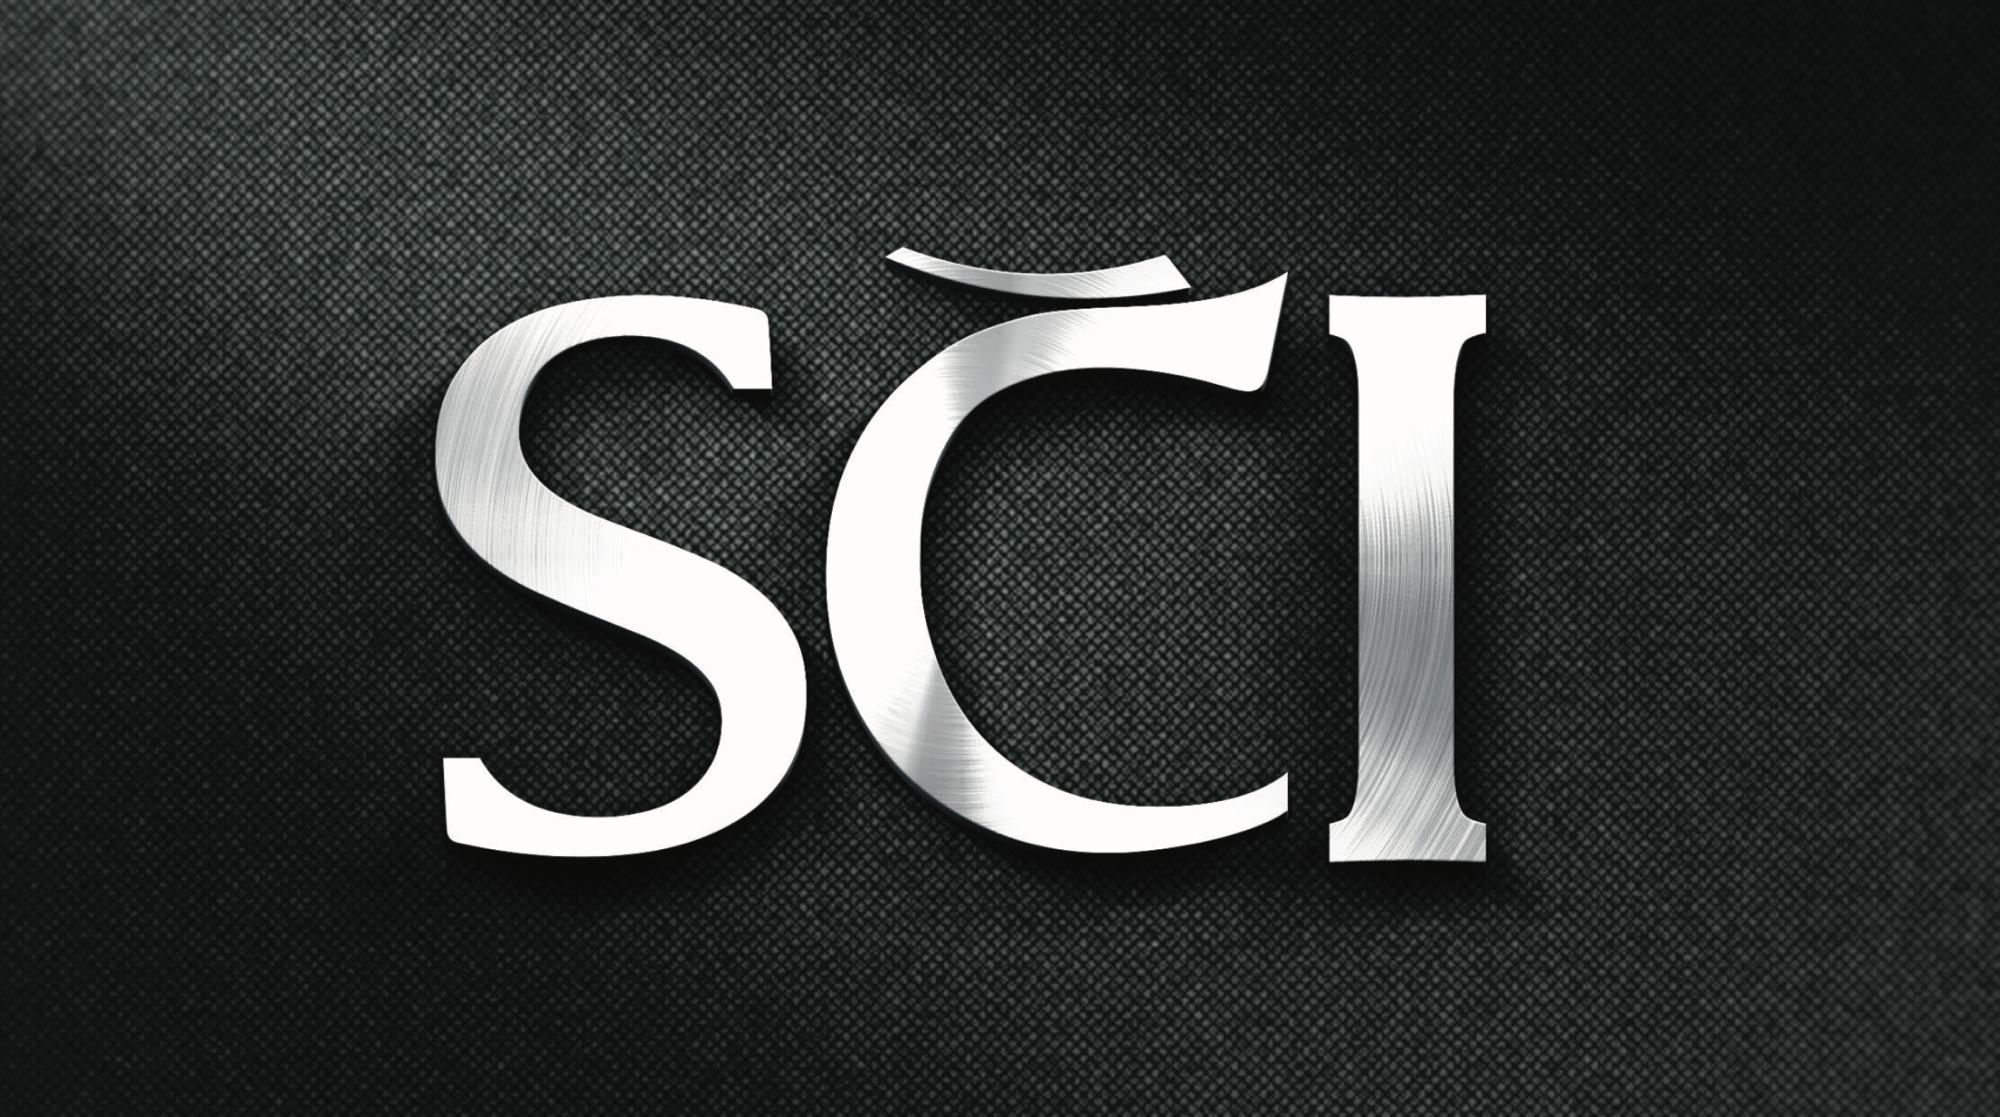 Logo là một trong những yếu tố ảnh hưởng tới quyết định mua hàng